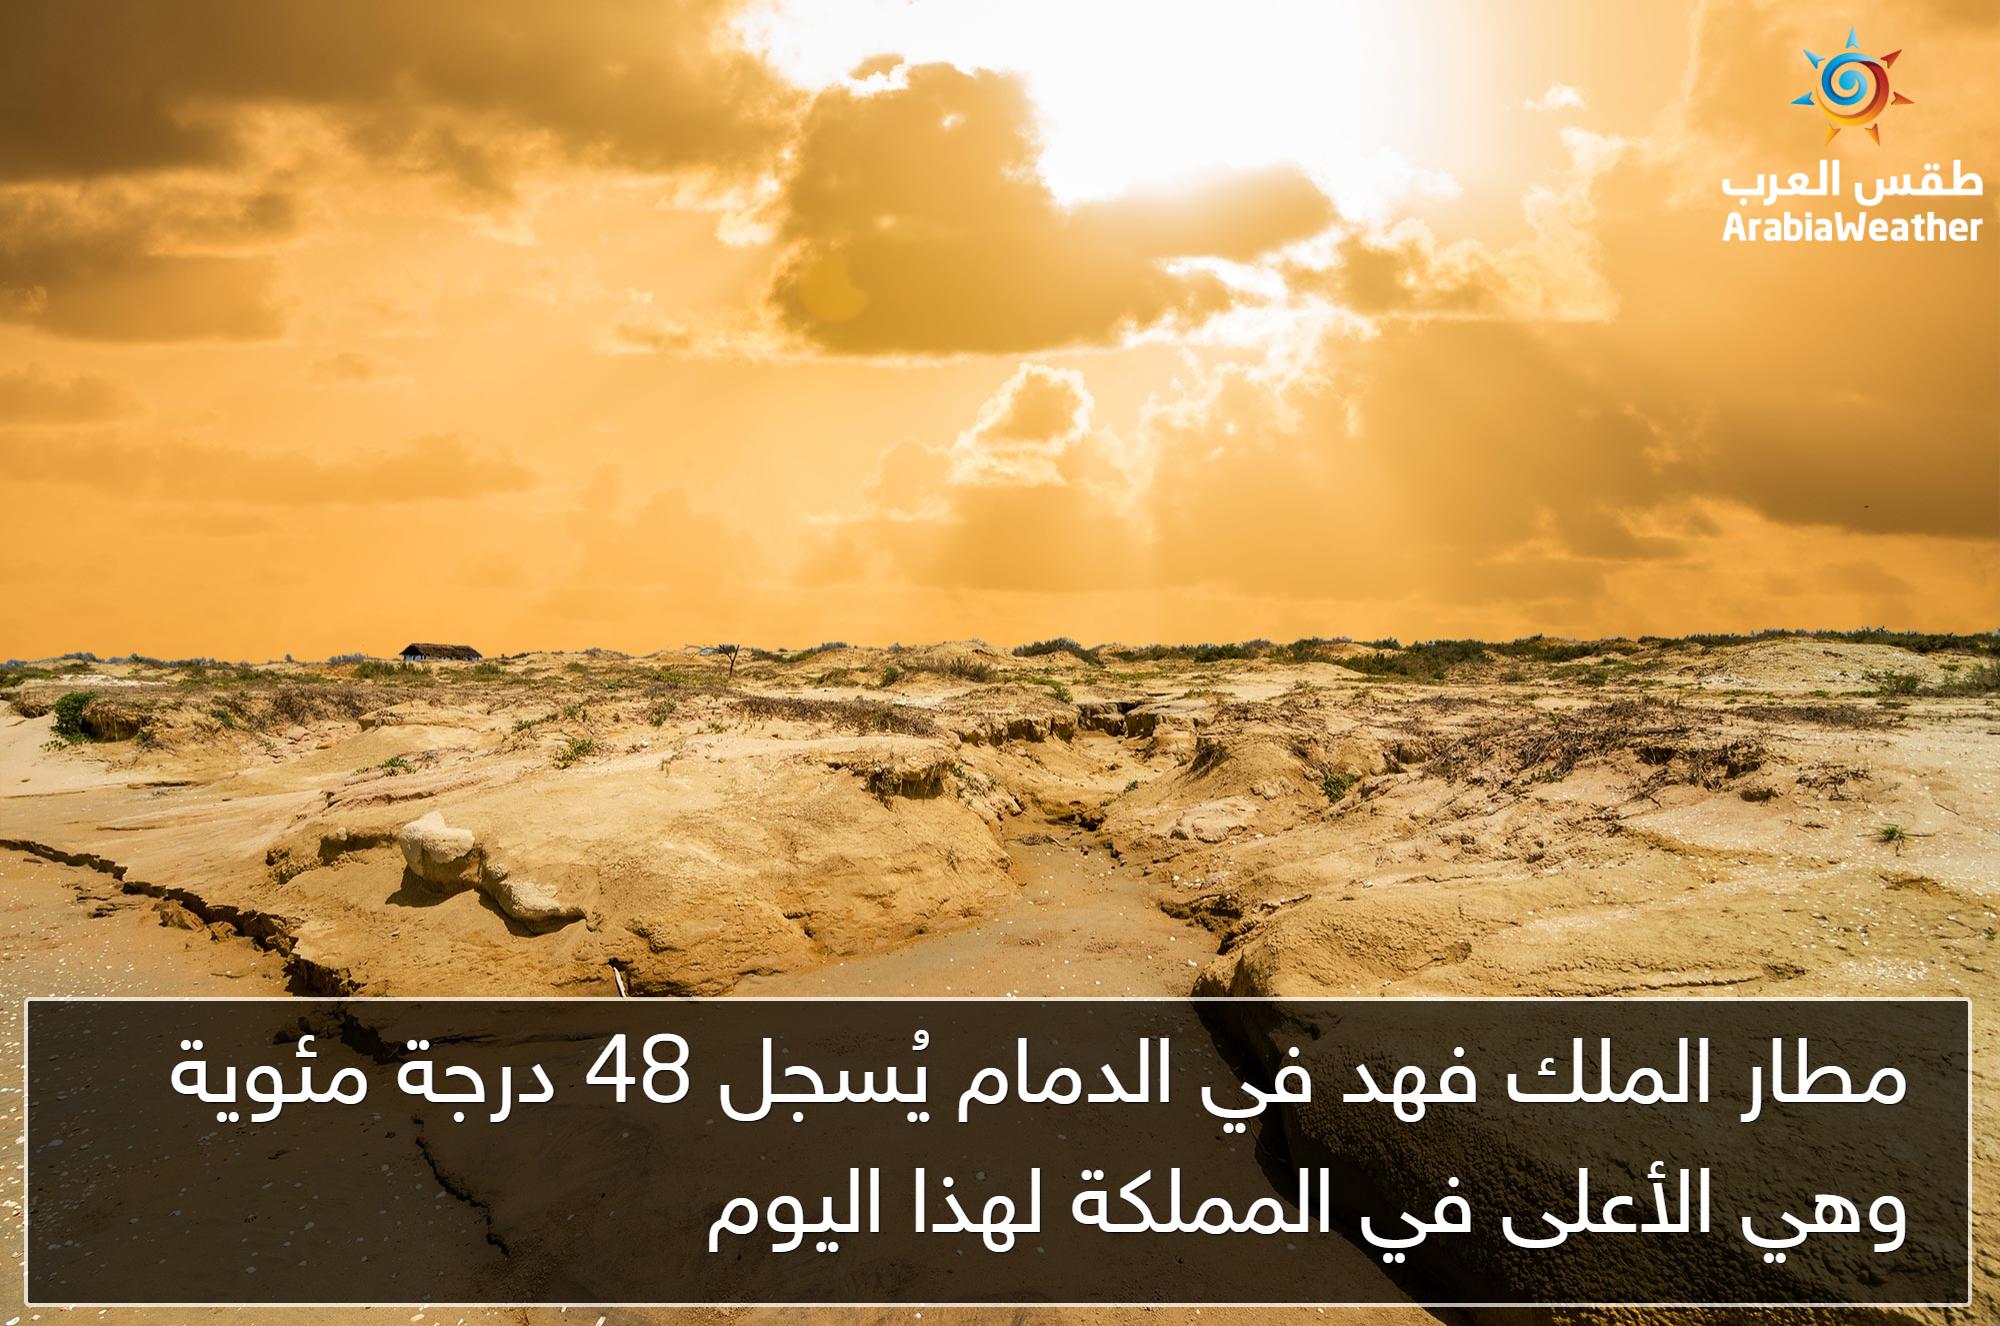 تحديث 2 45 مطار الملك فهد بالدمام ي سجل 48 درجة مئوية الآن وهي الأعلى في المملكة لهذا اليوم طقس العرب